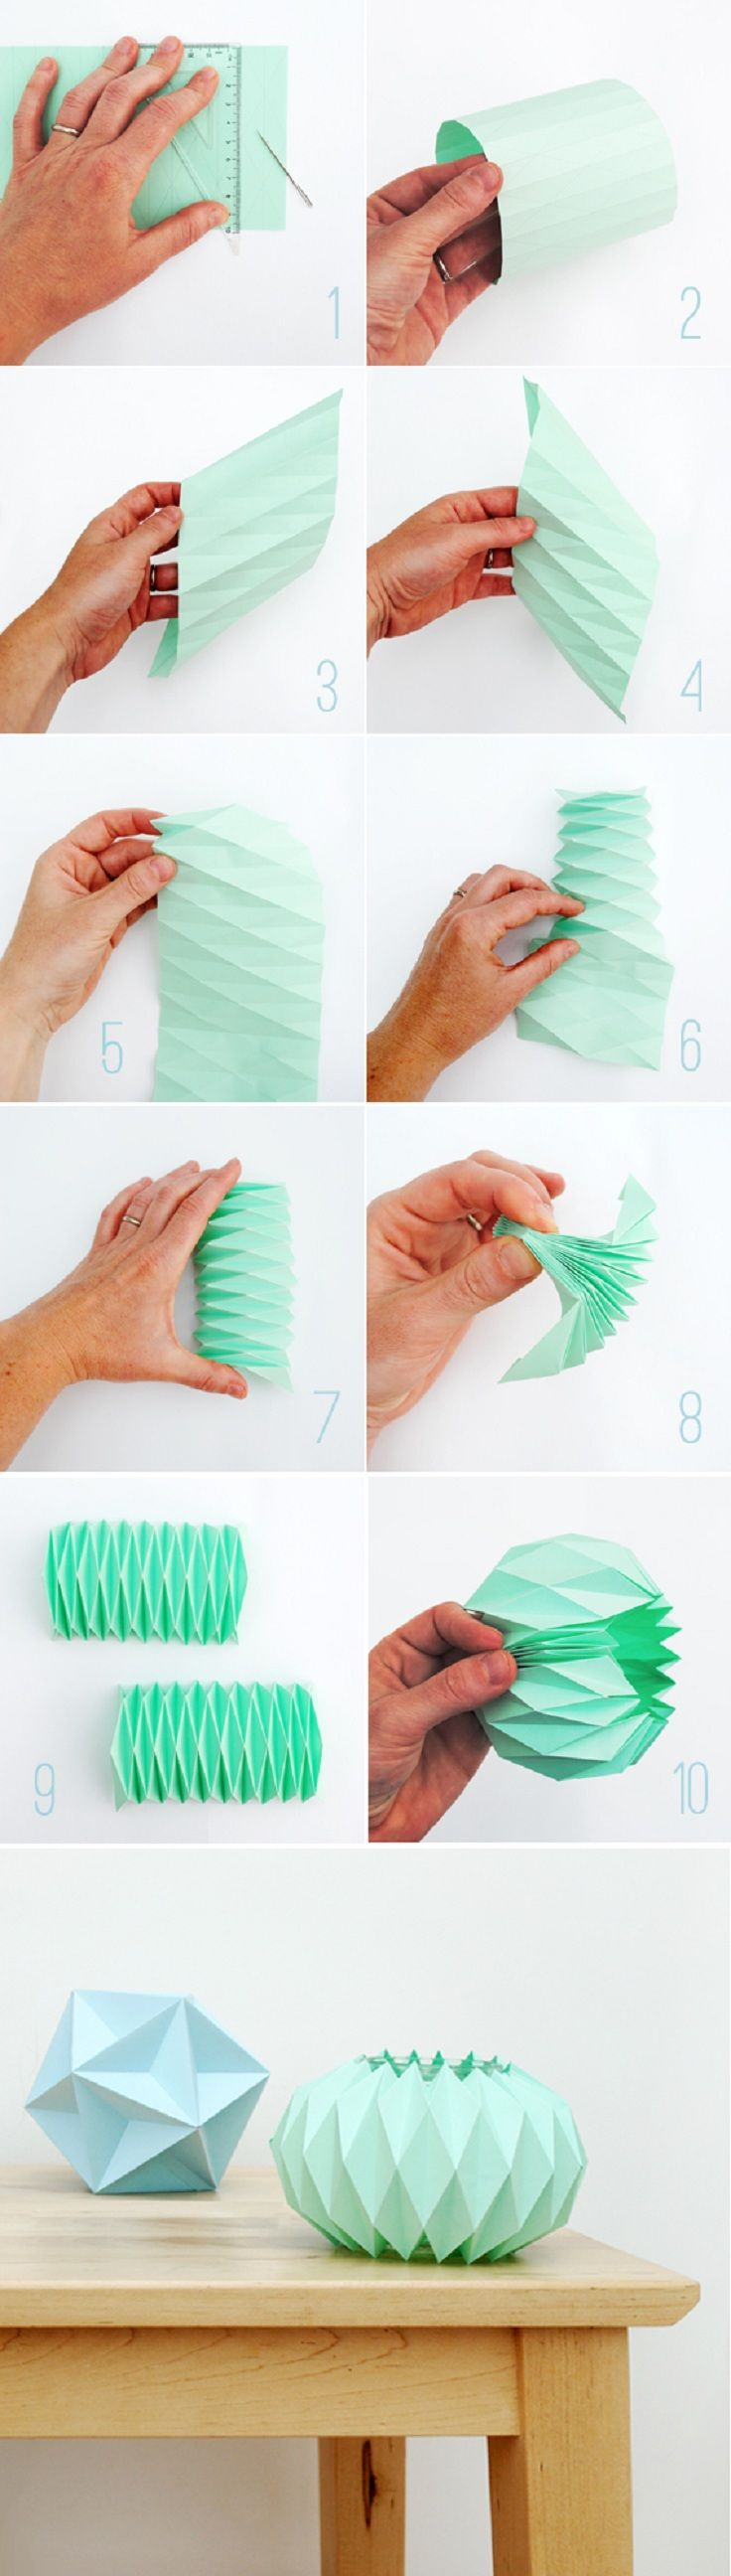 origami lampenschirm anleitung und tolle beispiele diy ideen pinterest papier basteln und. Black Bedroom Furniture Sets. Home Design Ideas